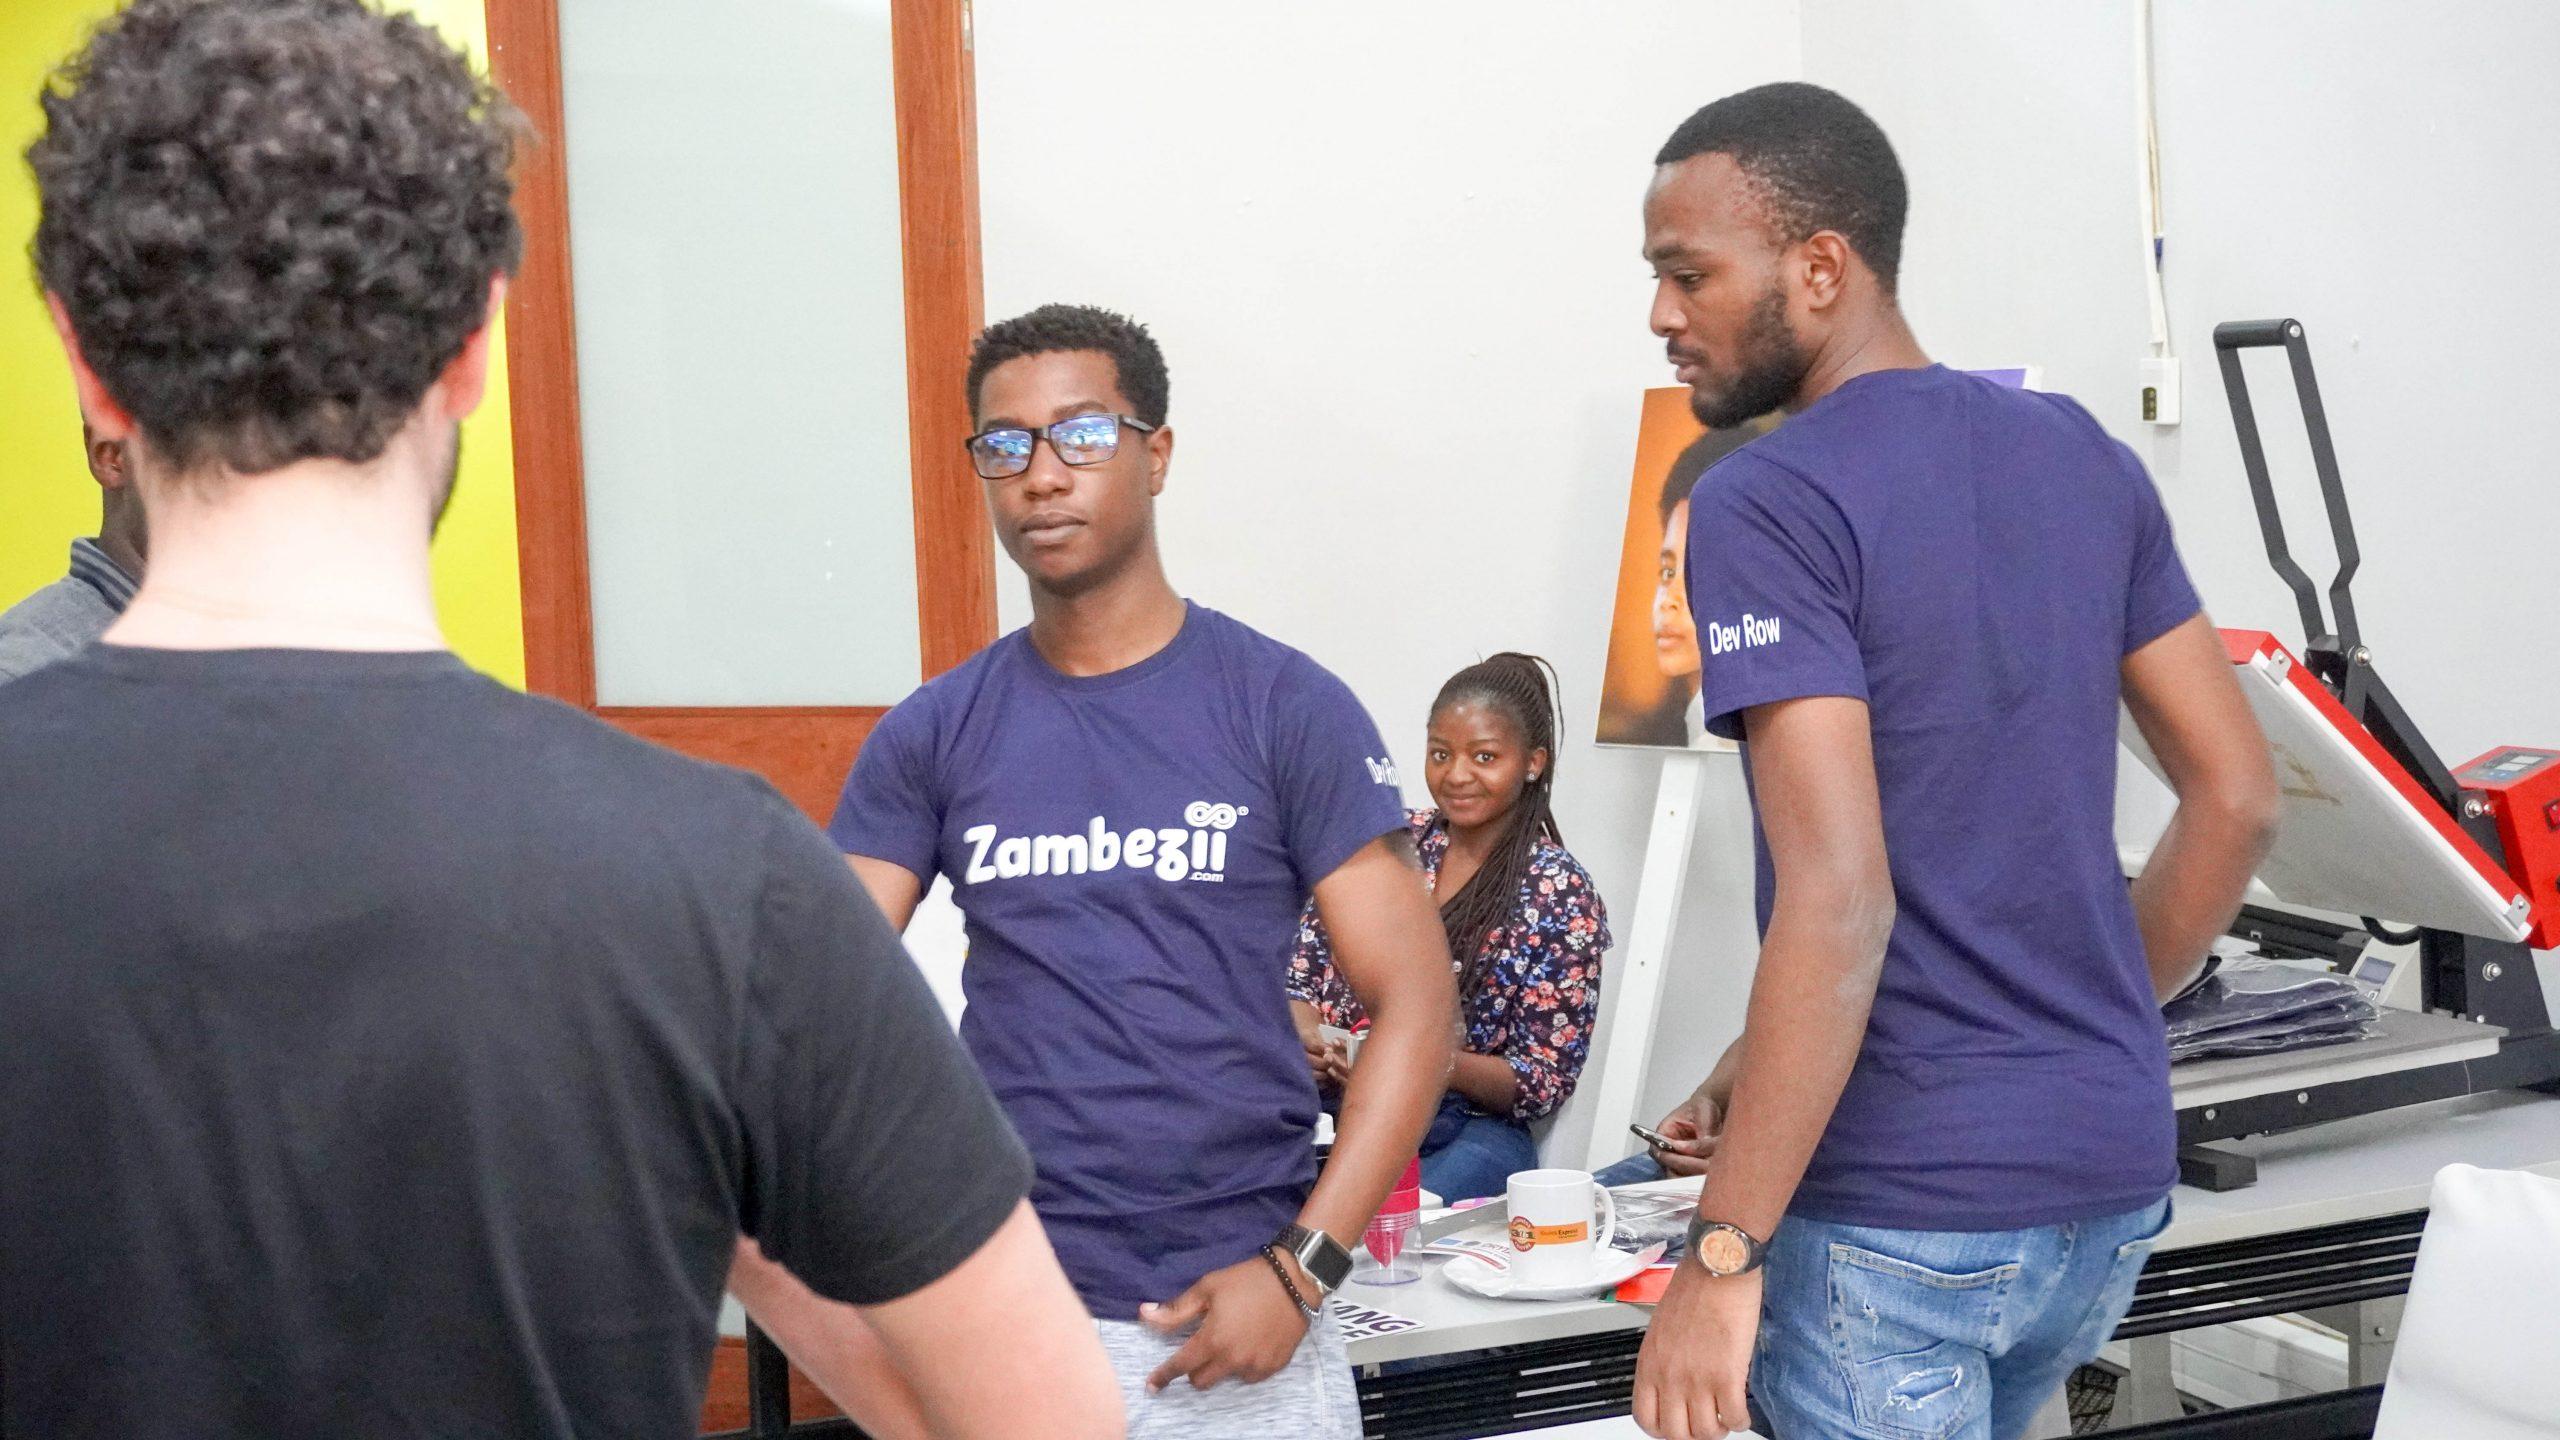 Zambezi Team